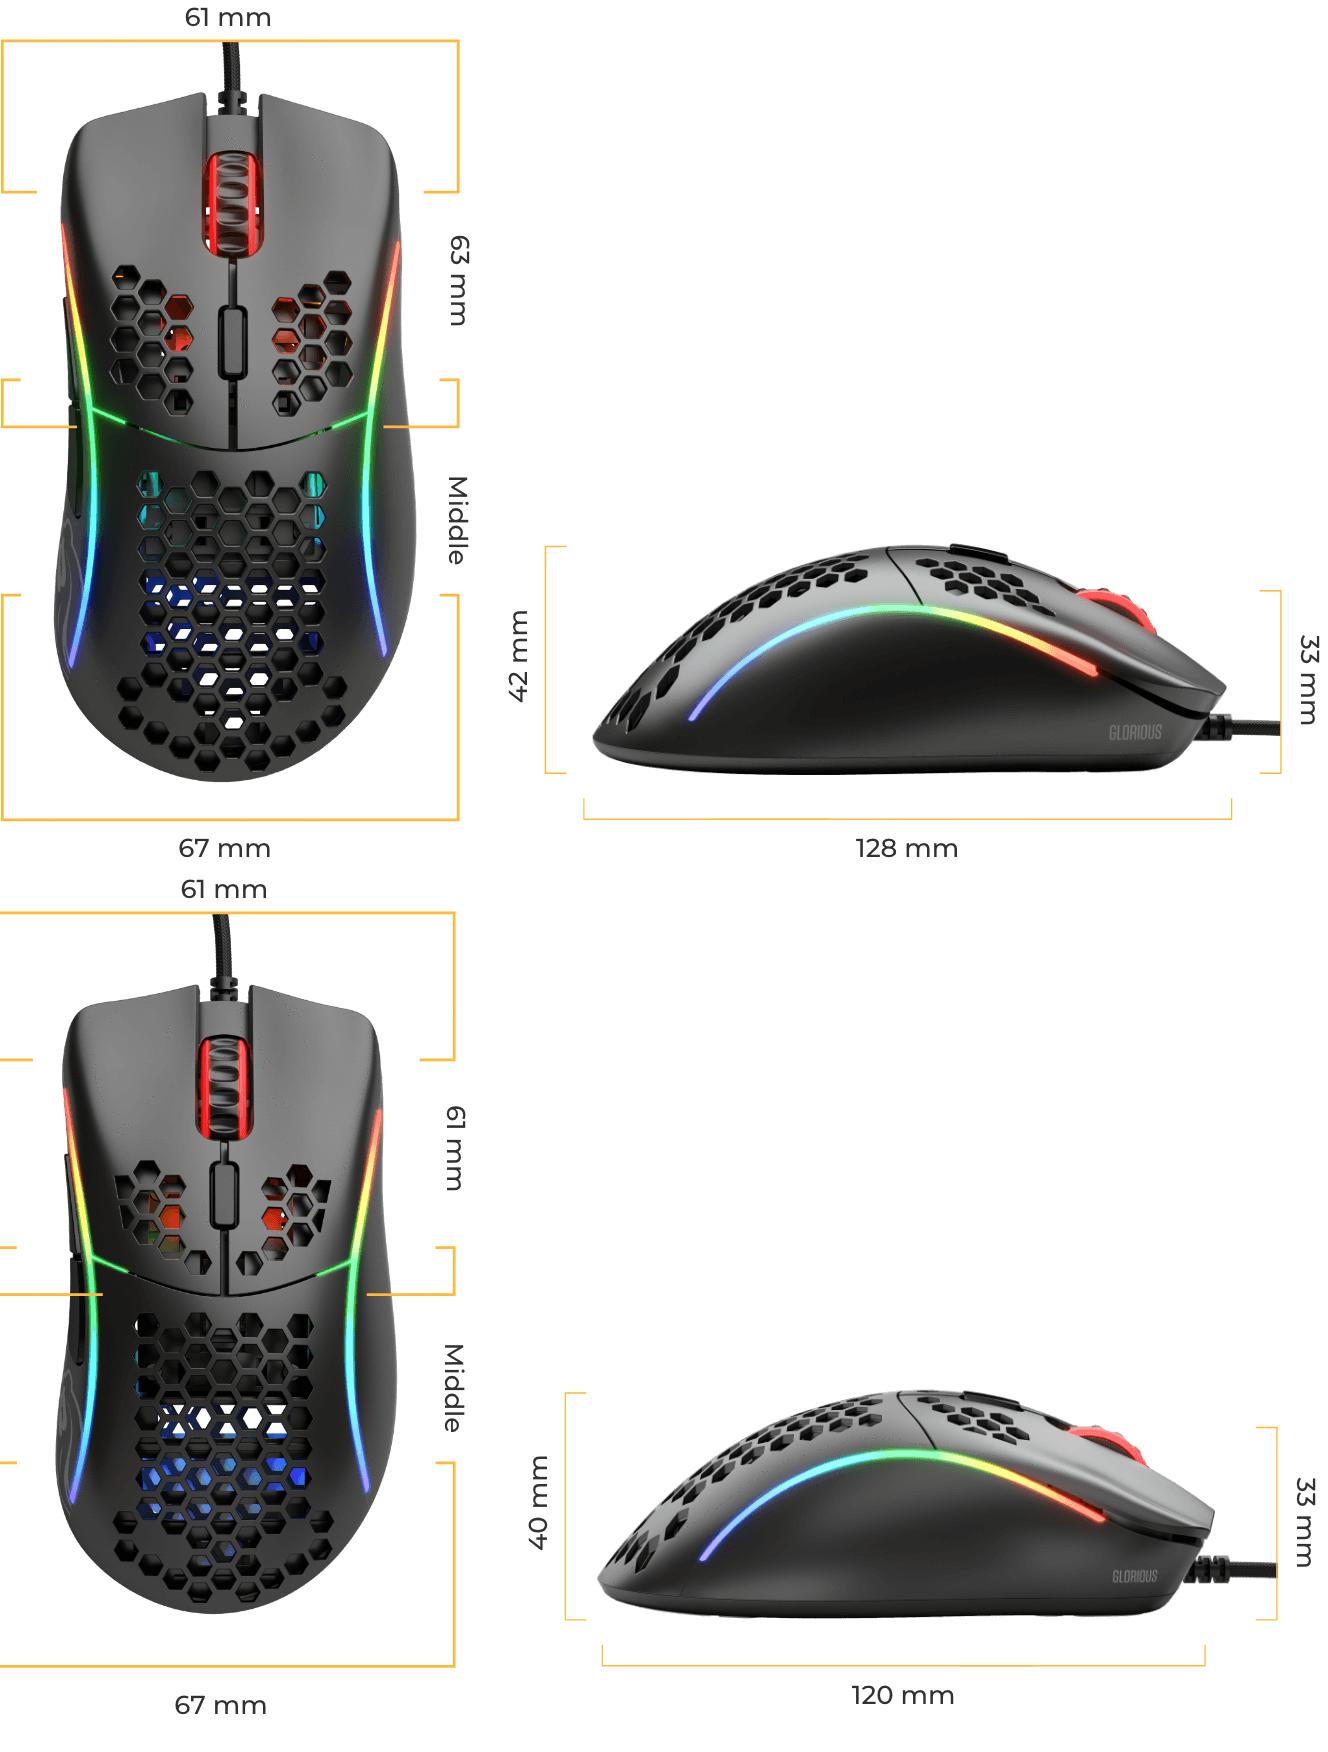 Model D- Souris Gaming - Noire